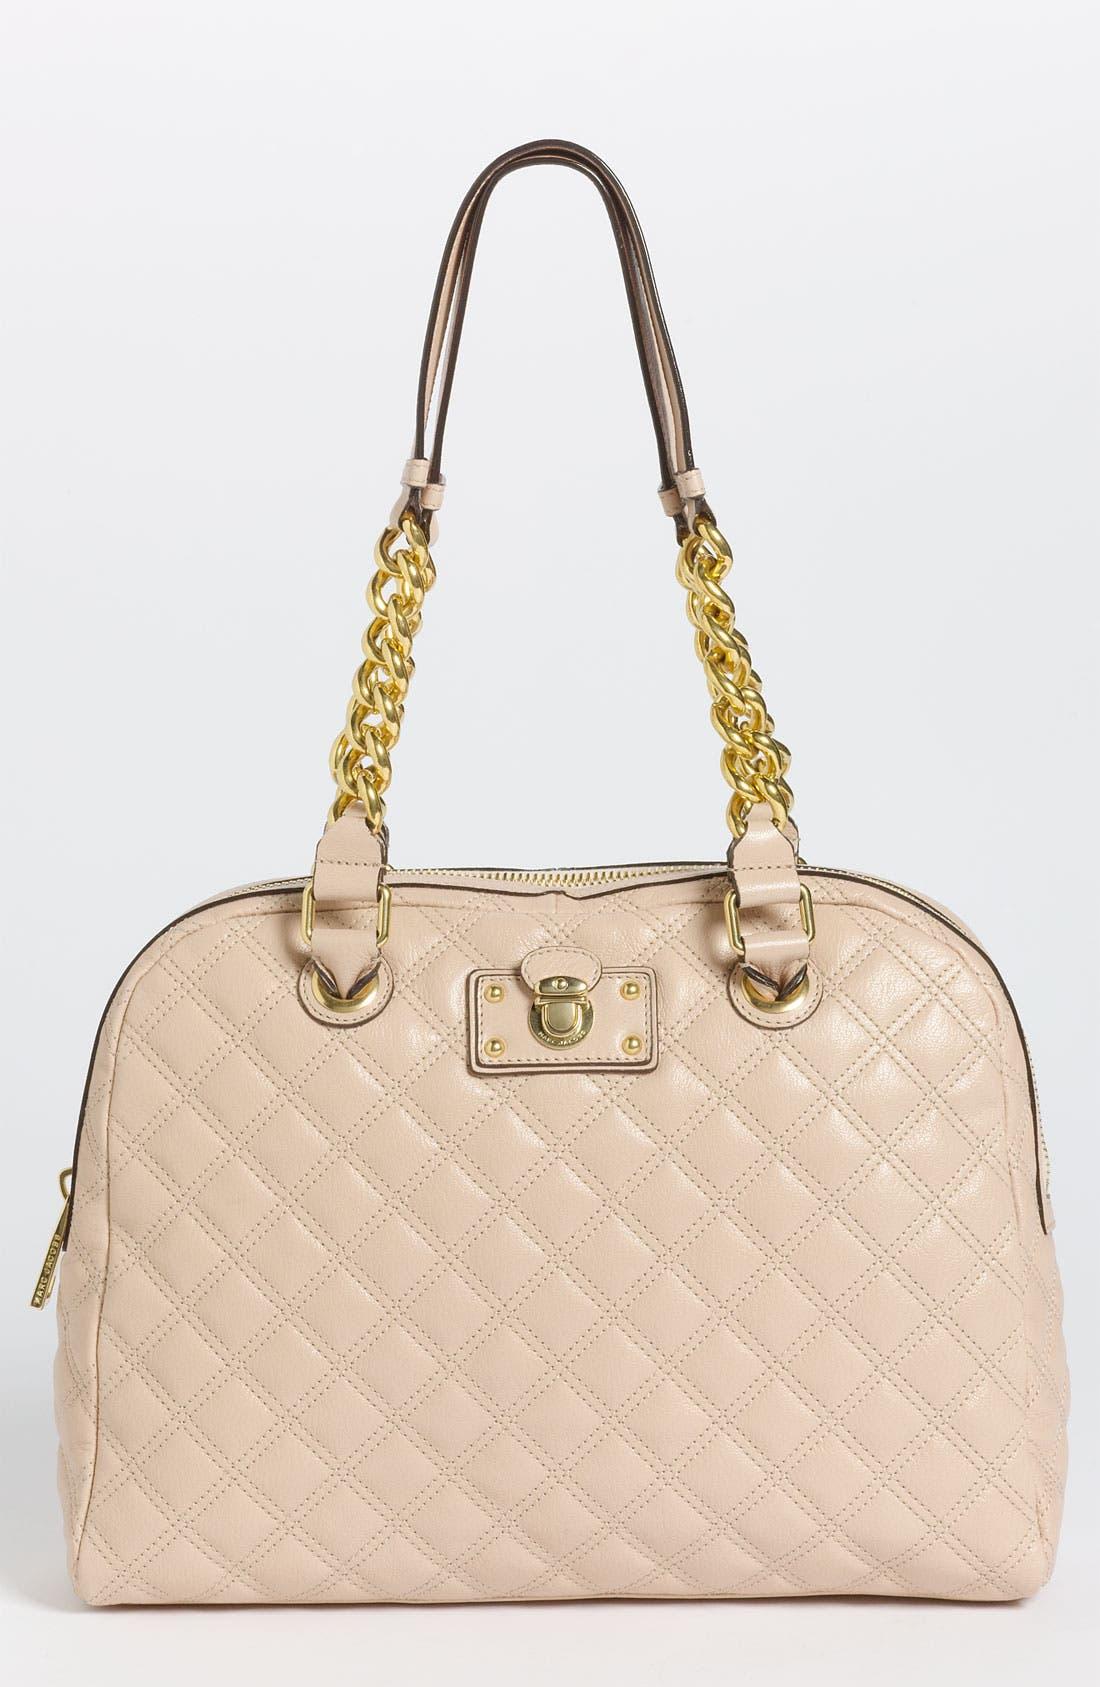 Main Image - MARC JACOBS 'Karlie' Leather Shoulder Bag